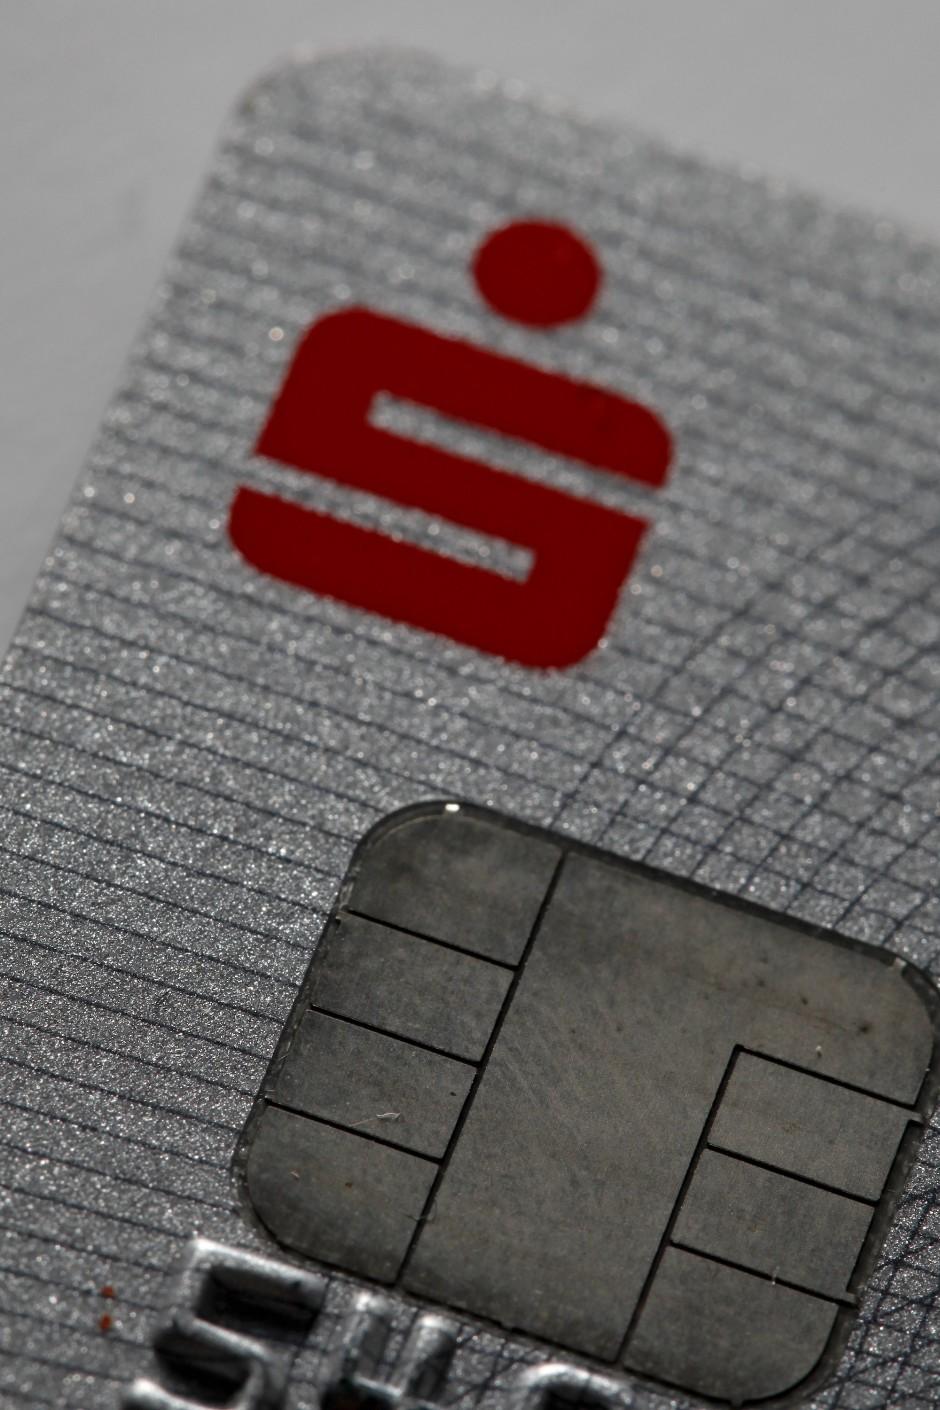 kontaktlos bezahlen sparkassen tauschen 45 millionen ec karten aus unternehmen faz. Black Bedroom Furniture Sets. Home Design Ideas